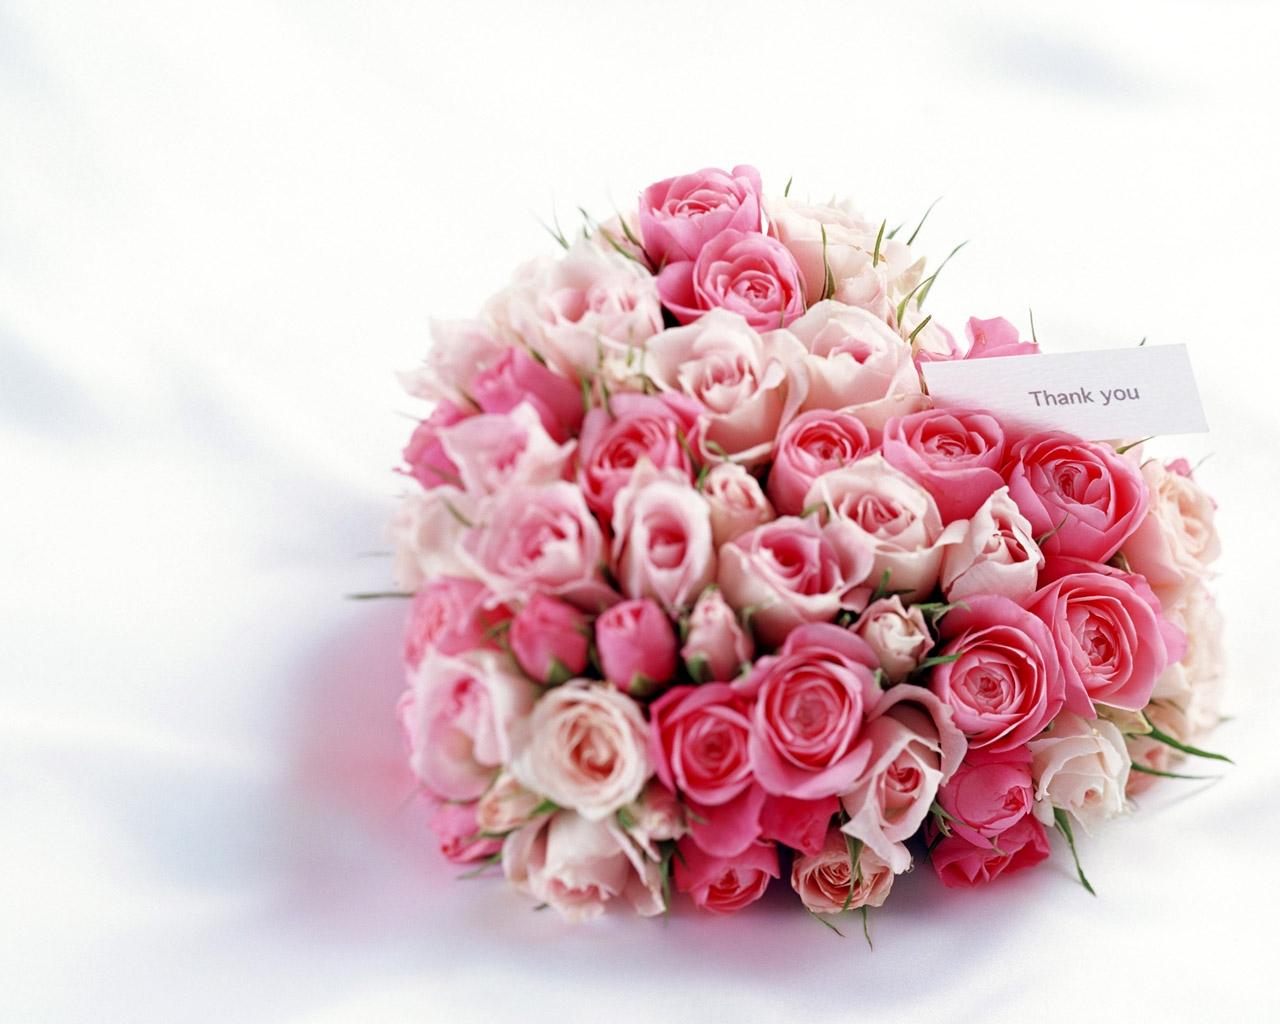 デスクトップ壁紙 フラワーズ バレンタイン デー ピンク